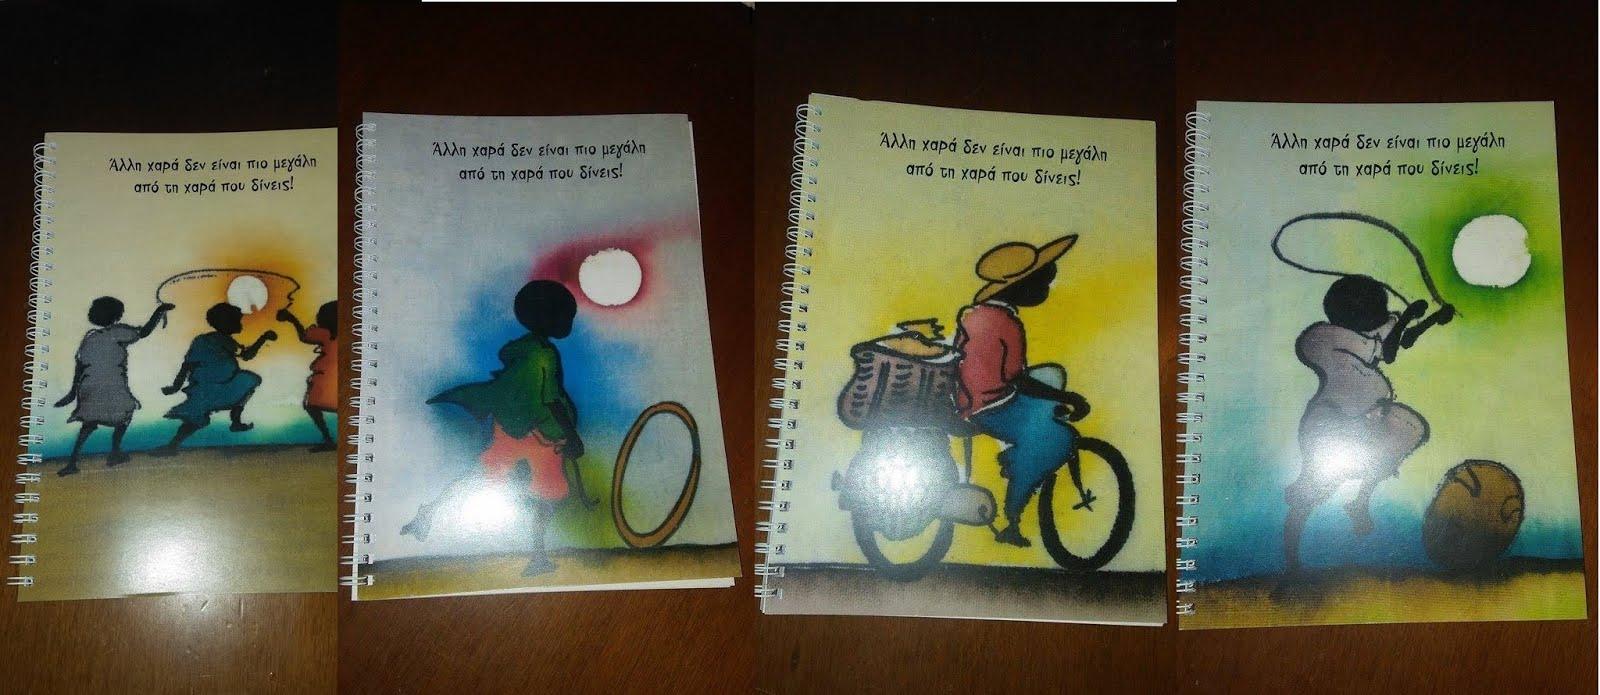 Ιεραποστολικά τετράδια για τη δημιουργία ενός Δημοτικού σχολείου στην Ουγκάντα